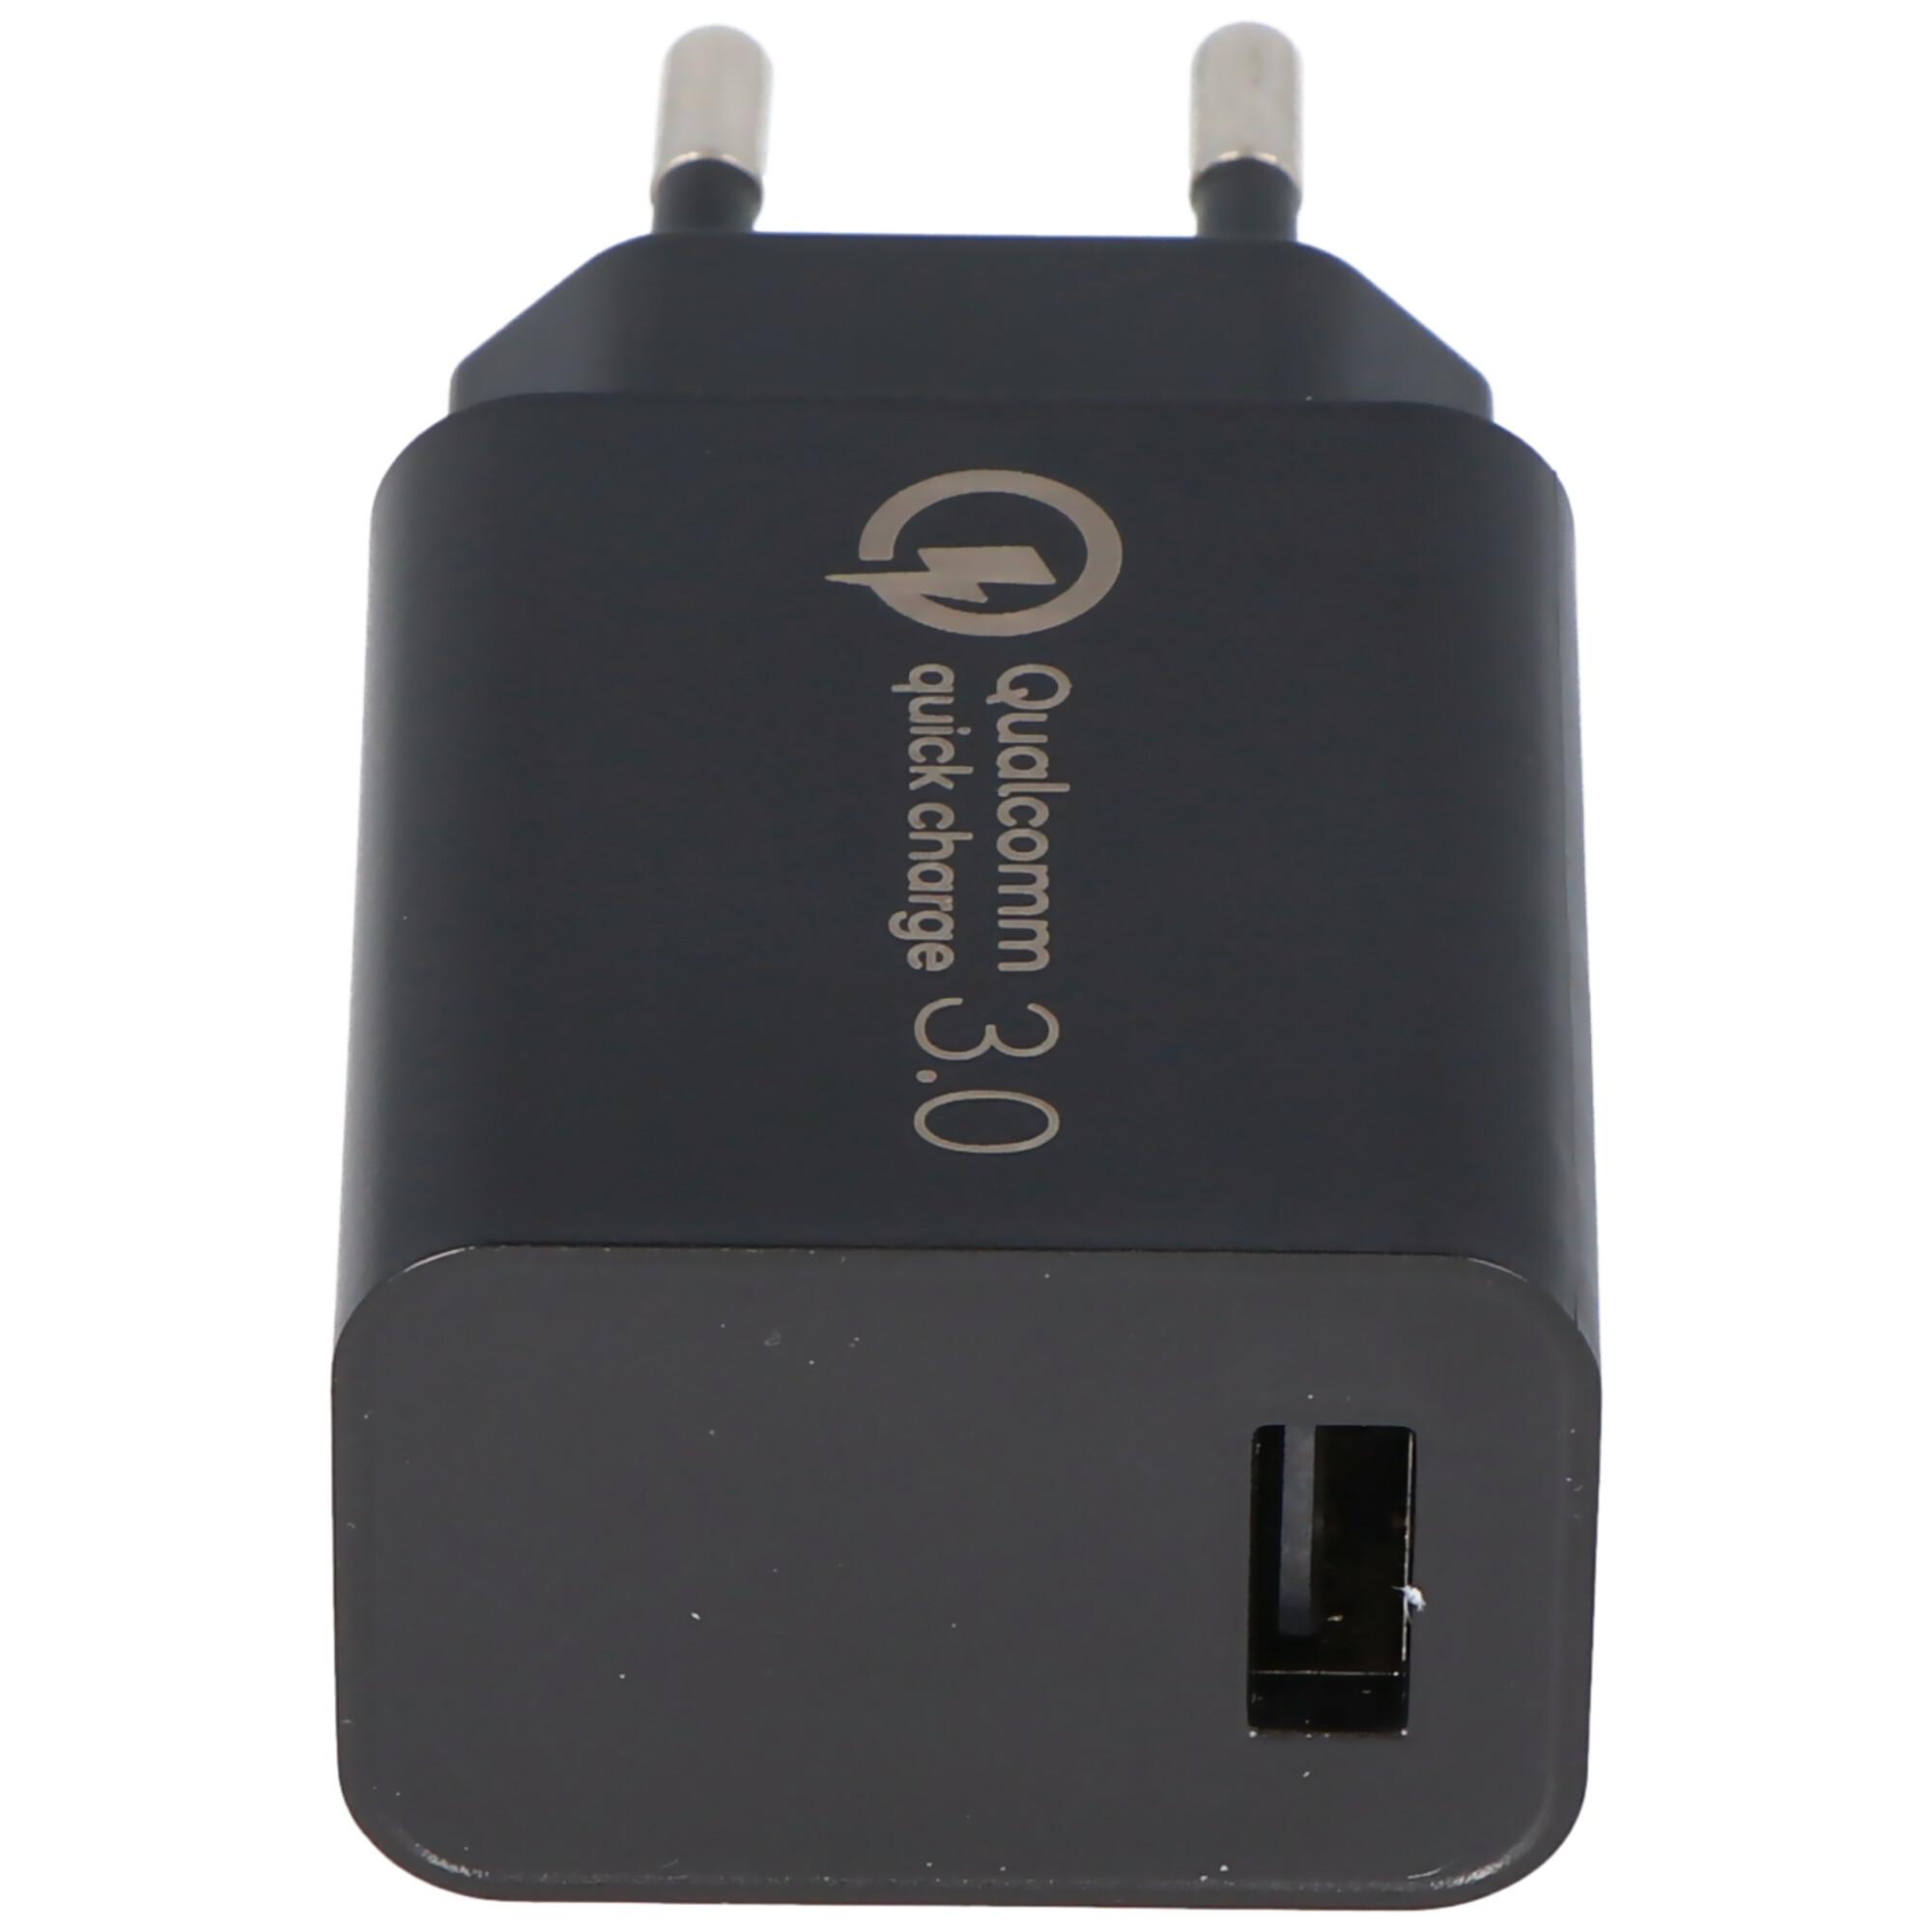 Ultra schnelles laden, USB Netzteil QC3.0 5V 3A, 9V 2A und